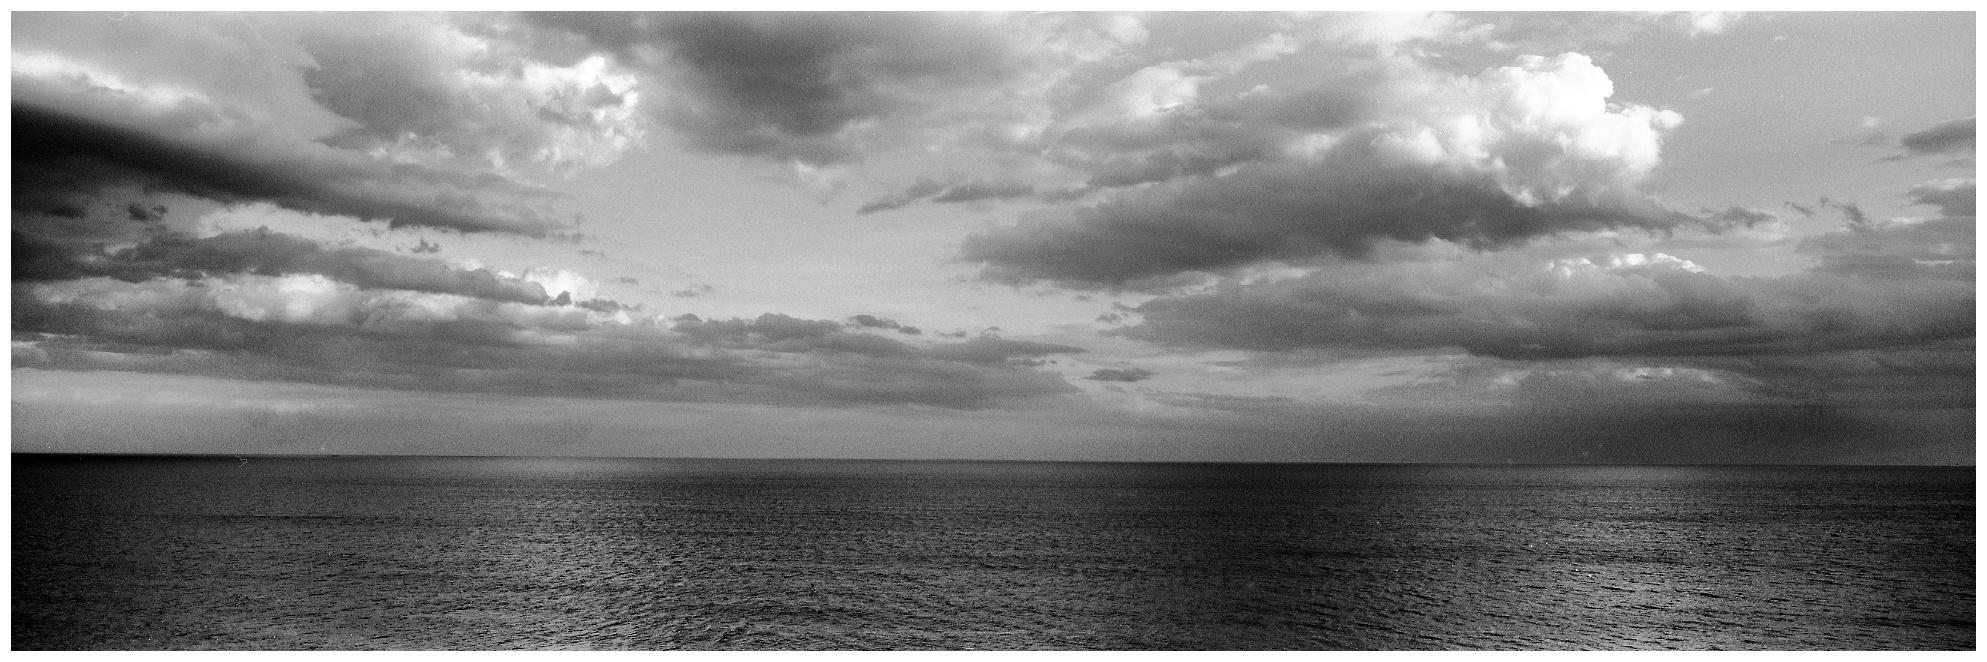 06.2018_G617_024_Snapseed.jpg